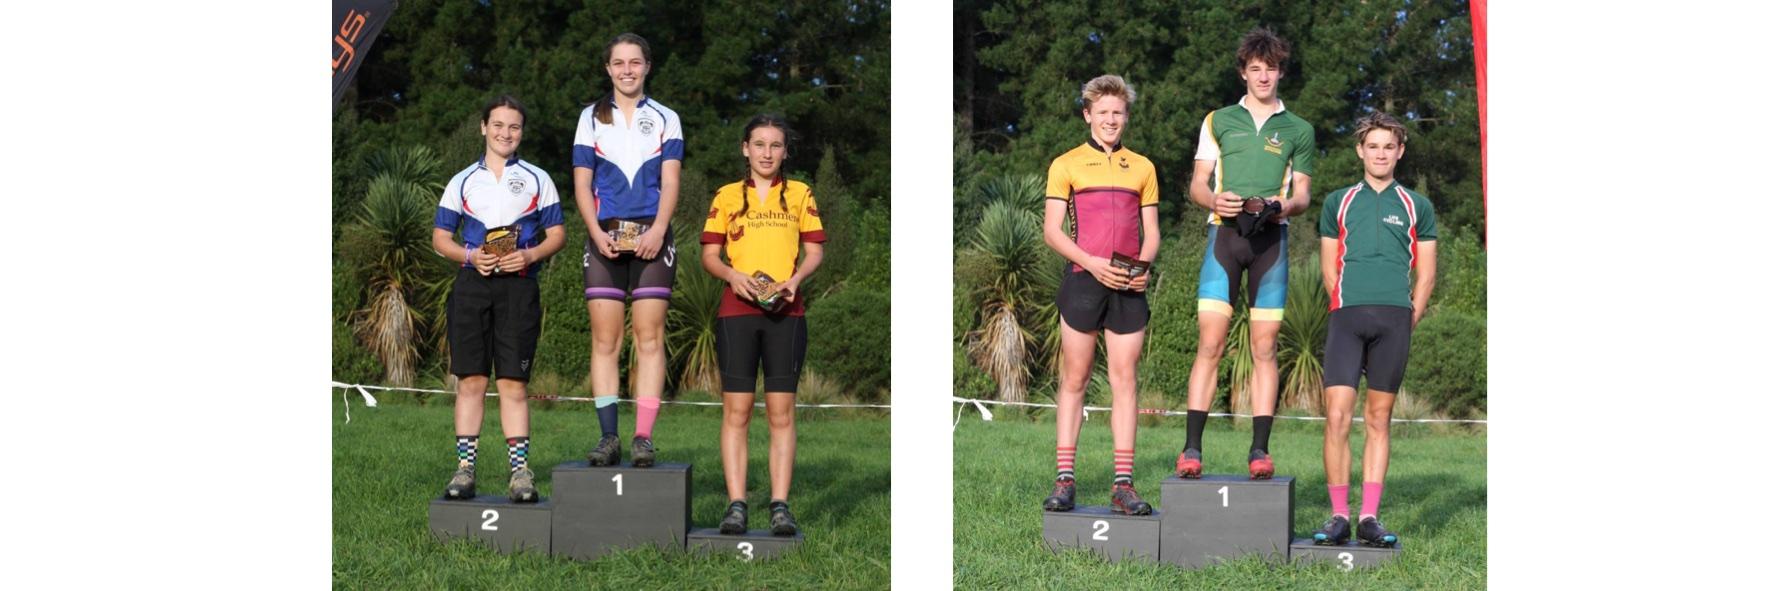 15 podium